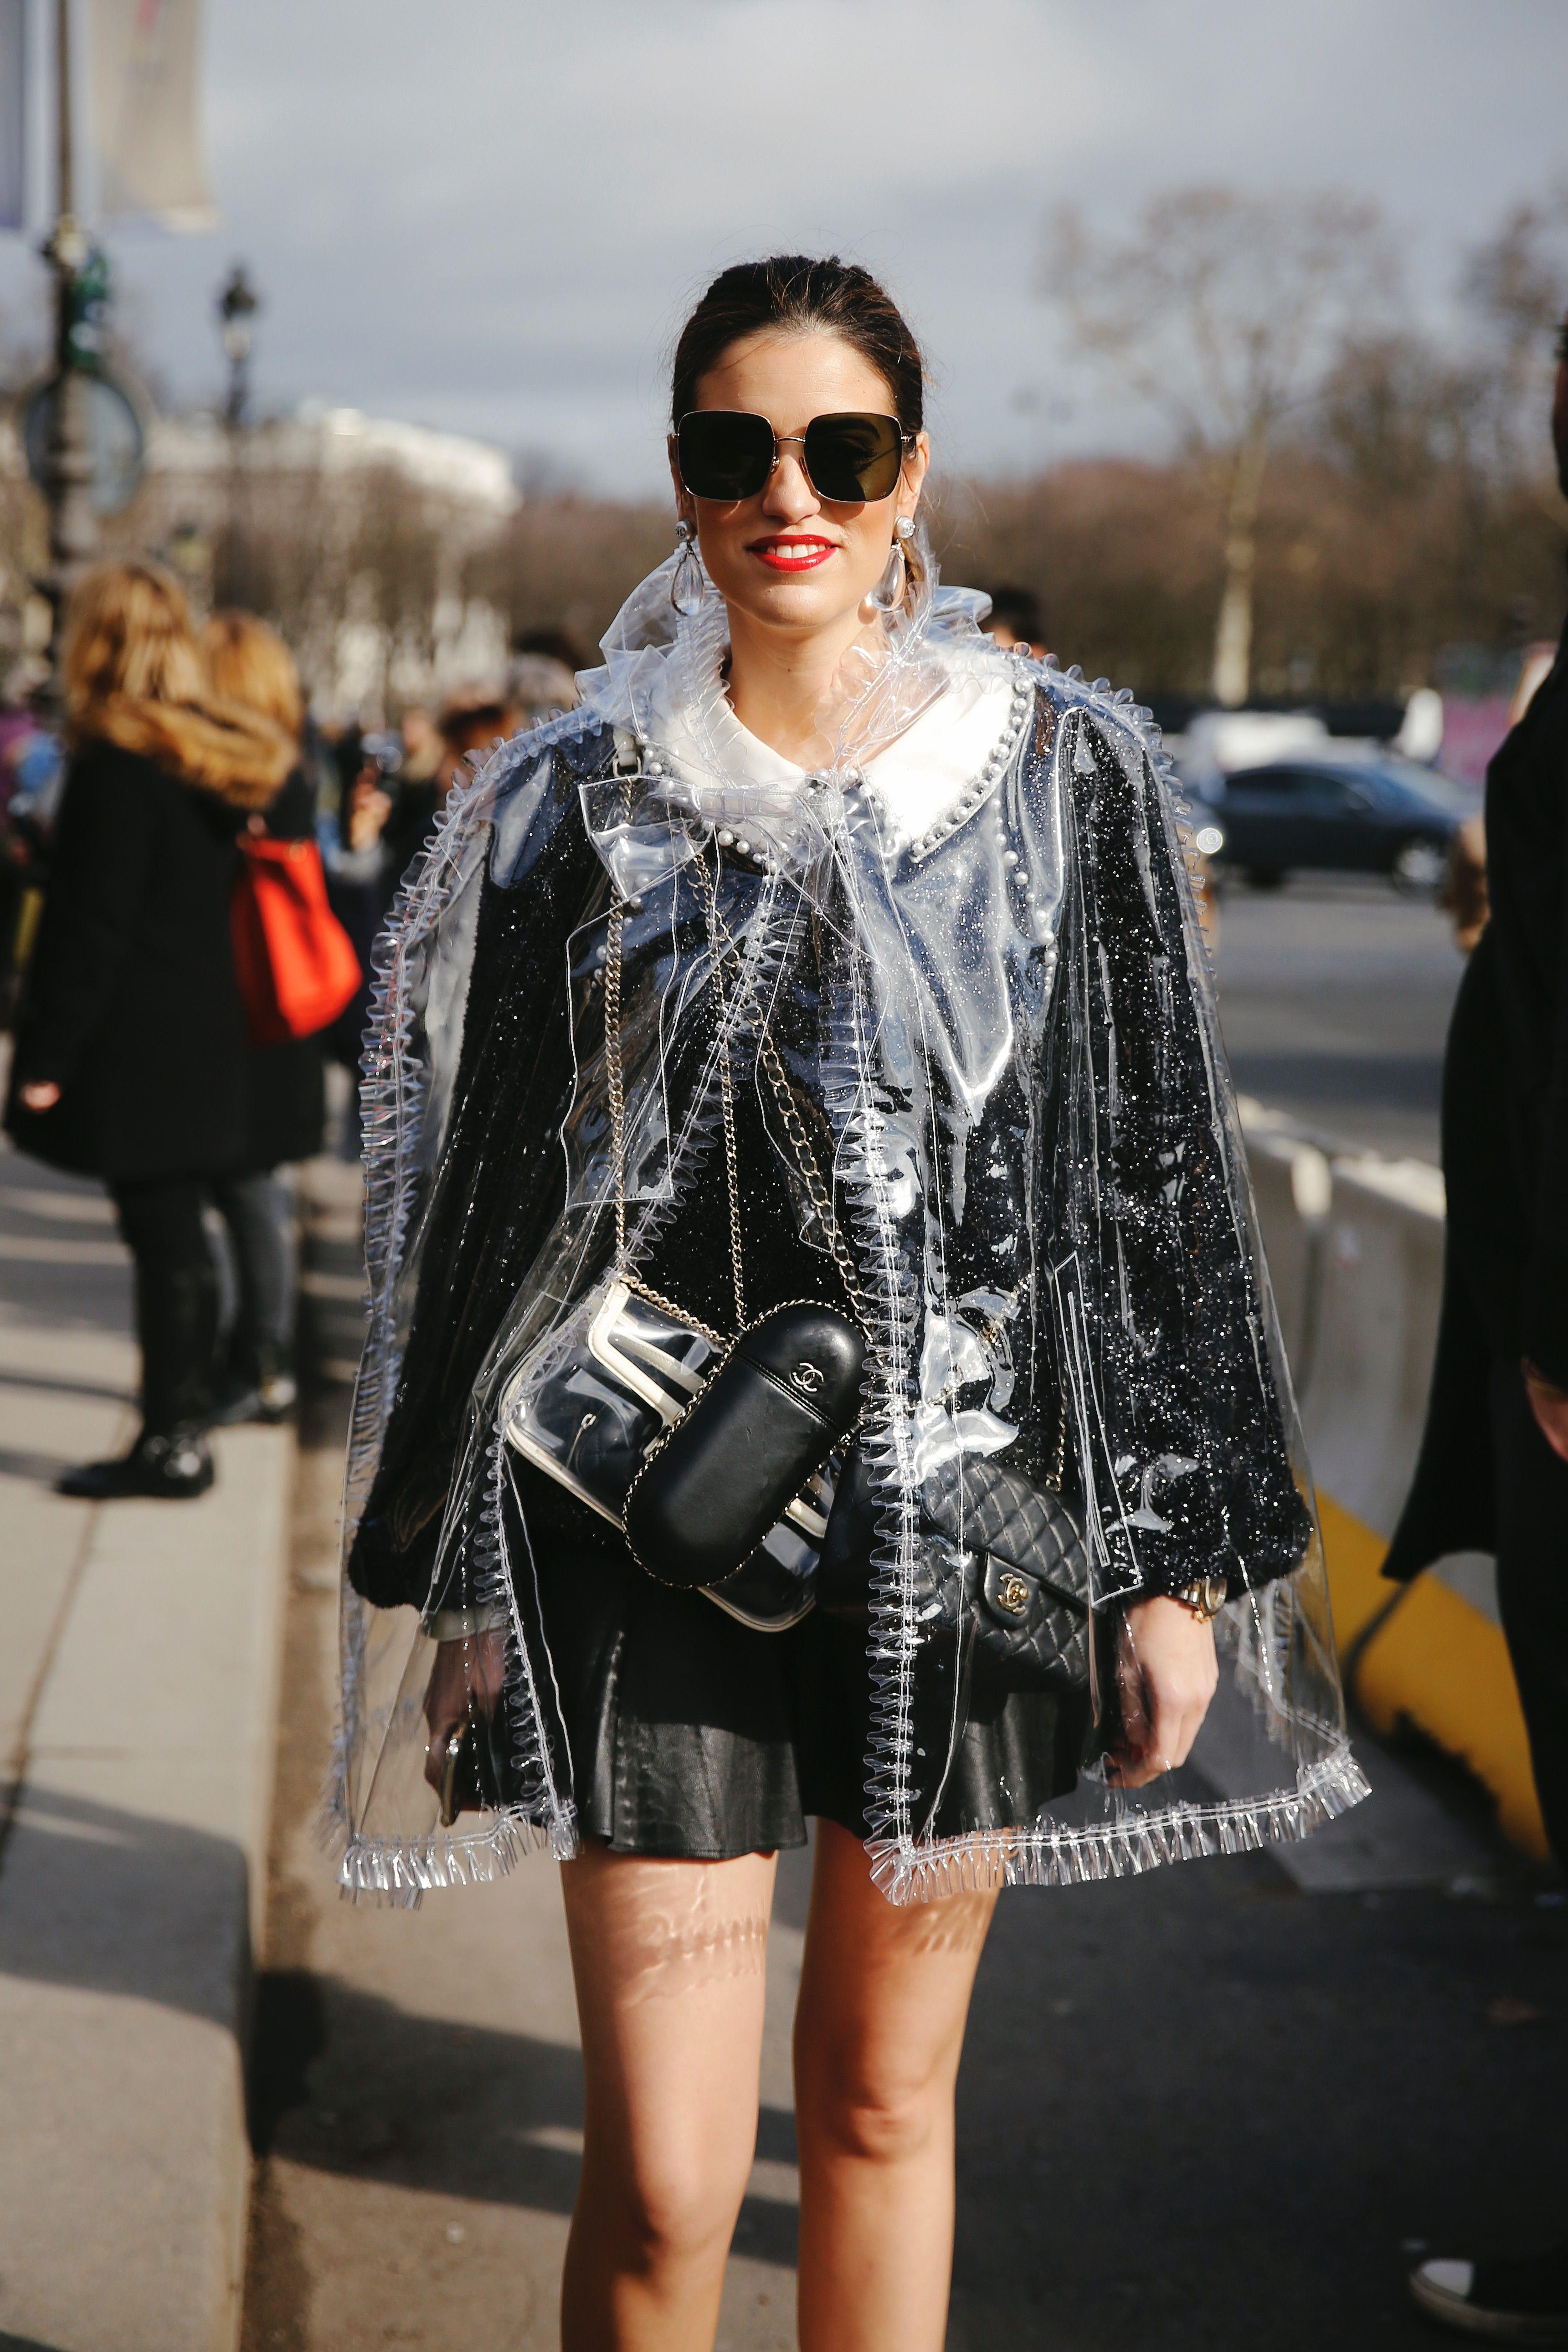 0e7d04a6306 Así se viste en París - Street style  lecciones de estilo de París